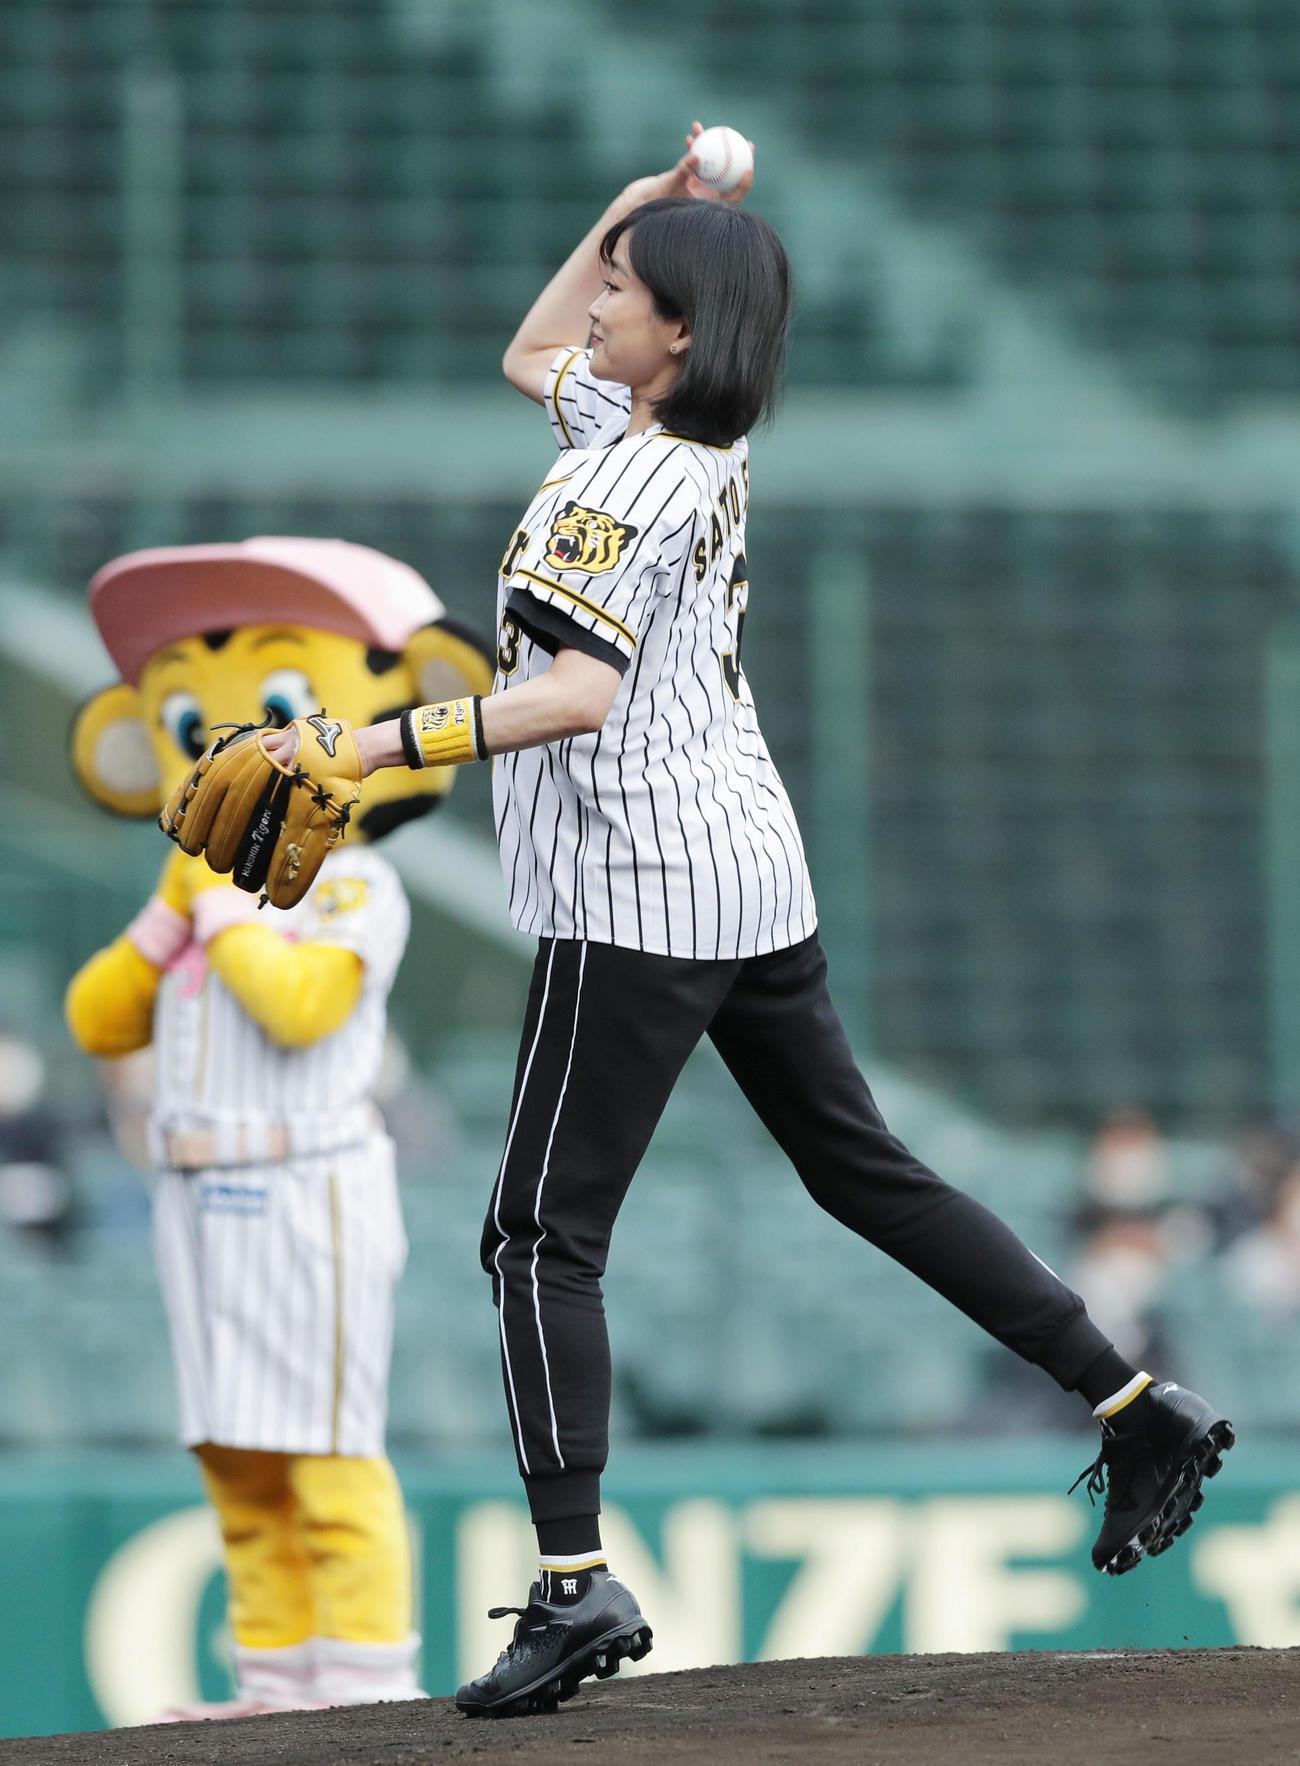 ファーストピッチセレモニーで投球する佐藤江梨子(撮影・前田充)